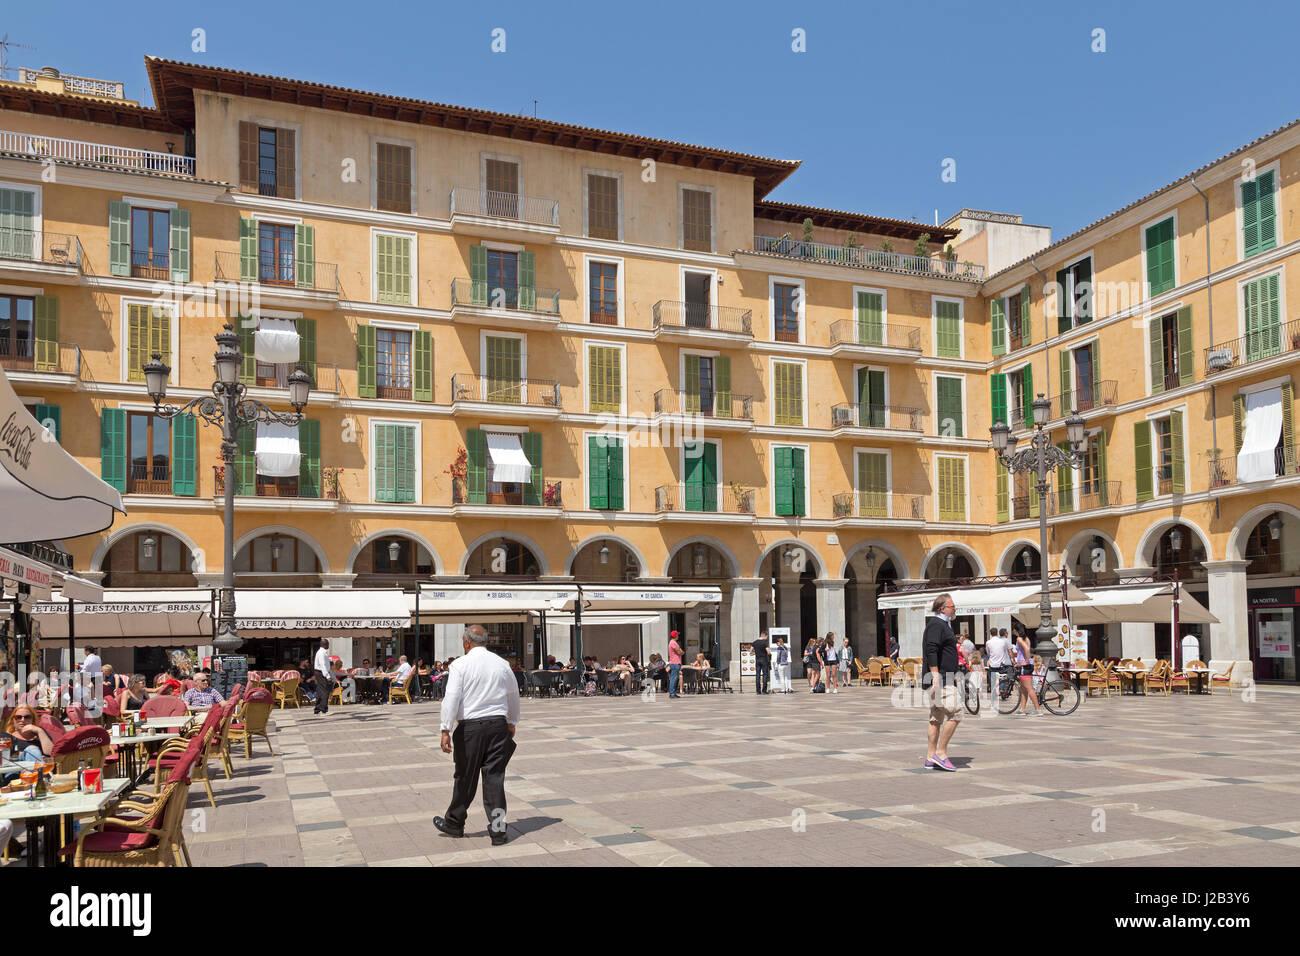 Placa Major in Palma de Mallorca, Spain - Stock Image